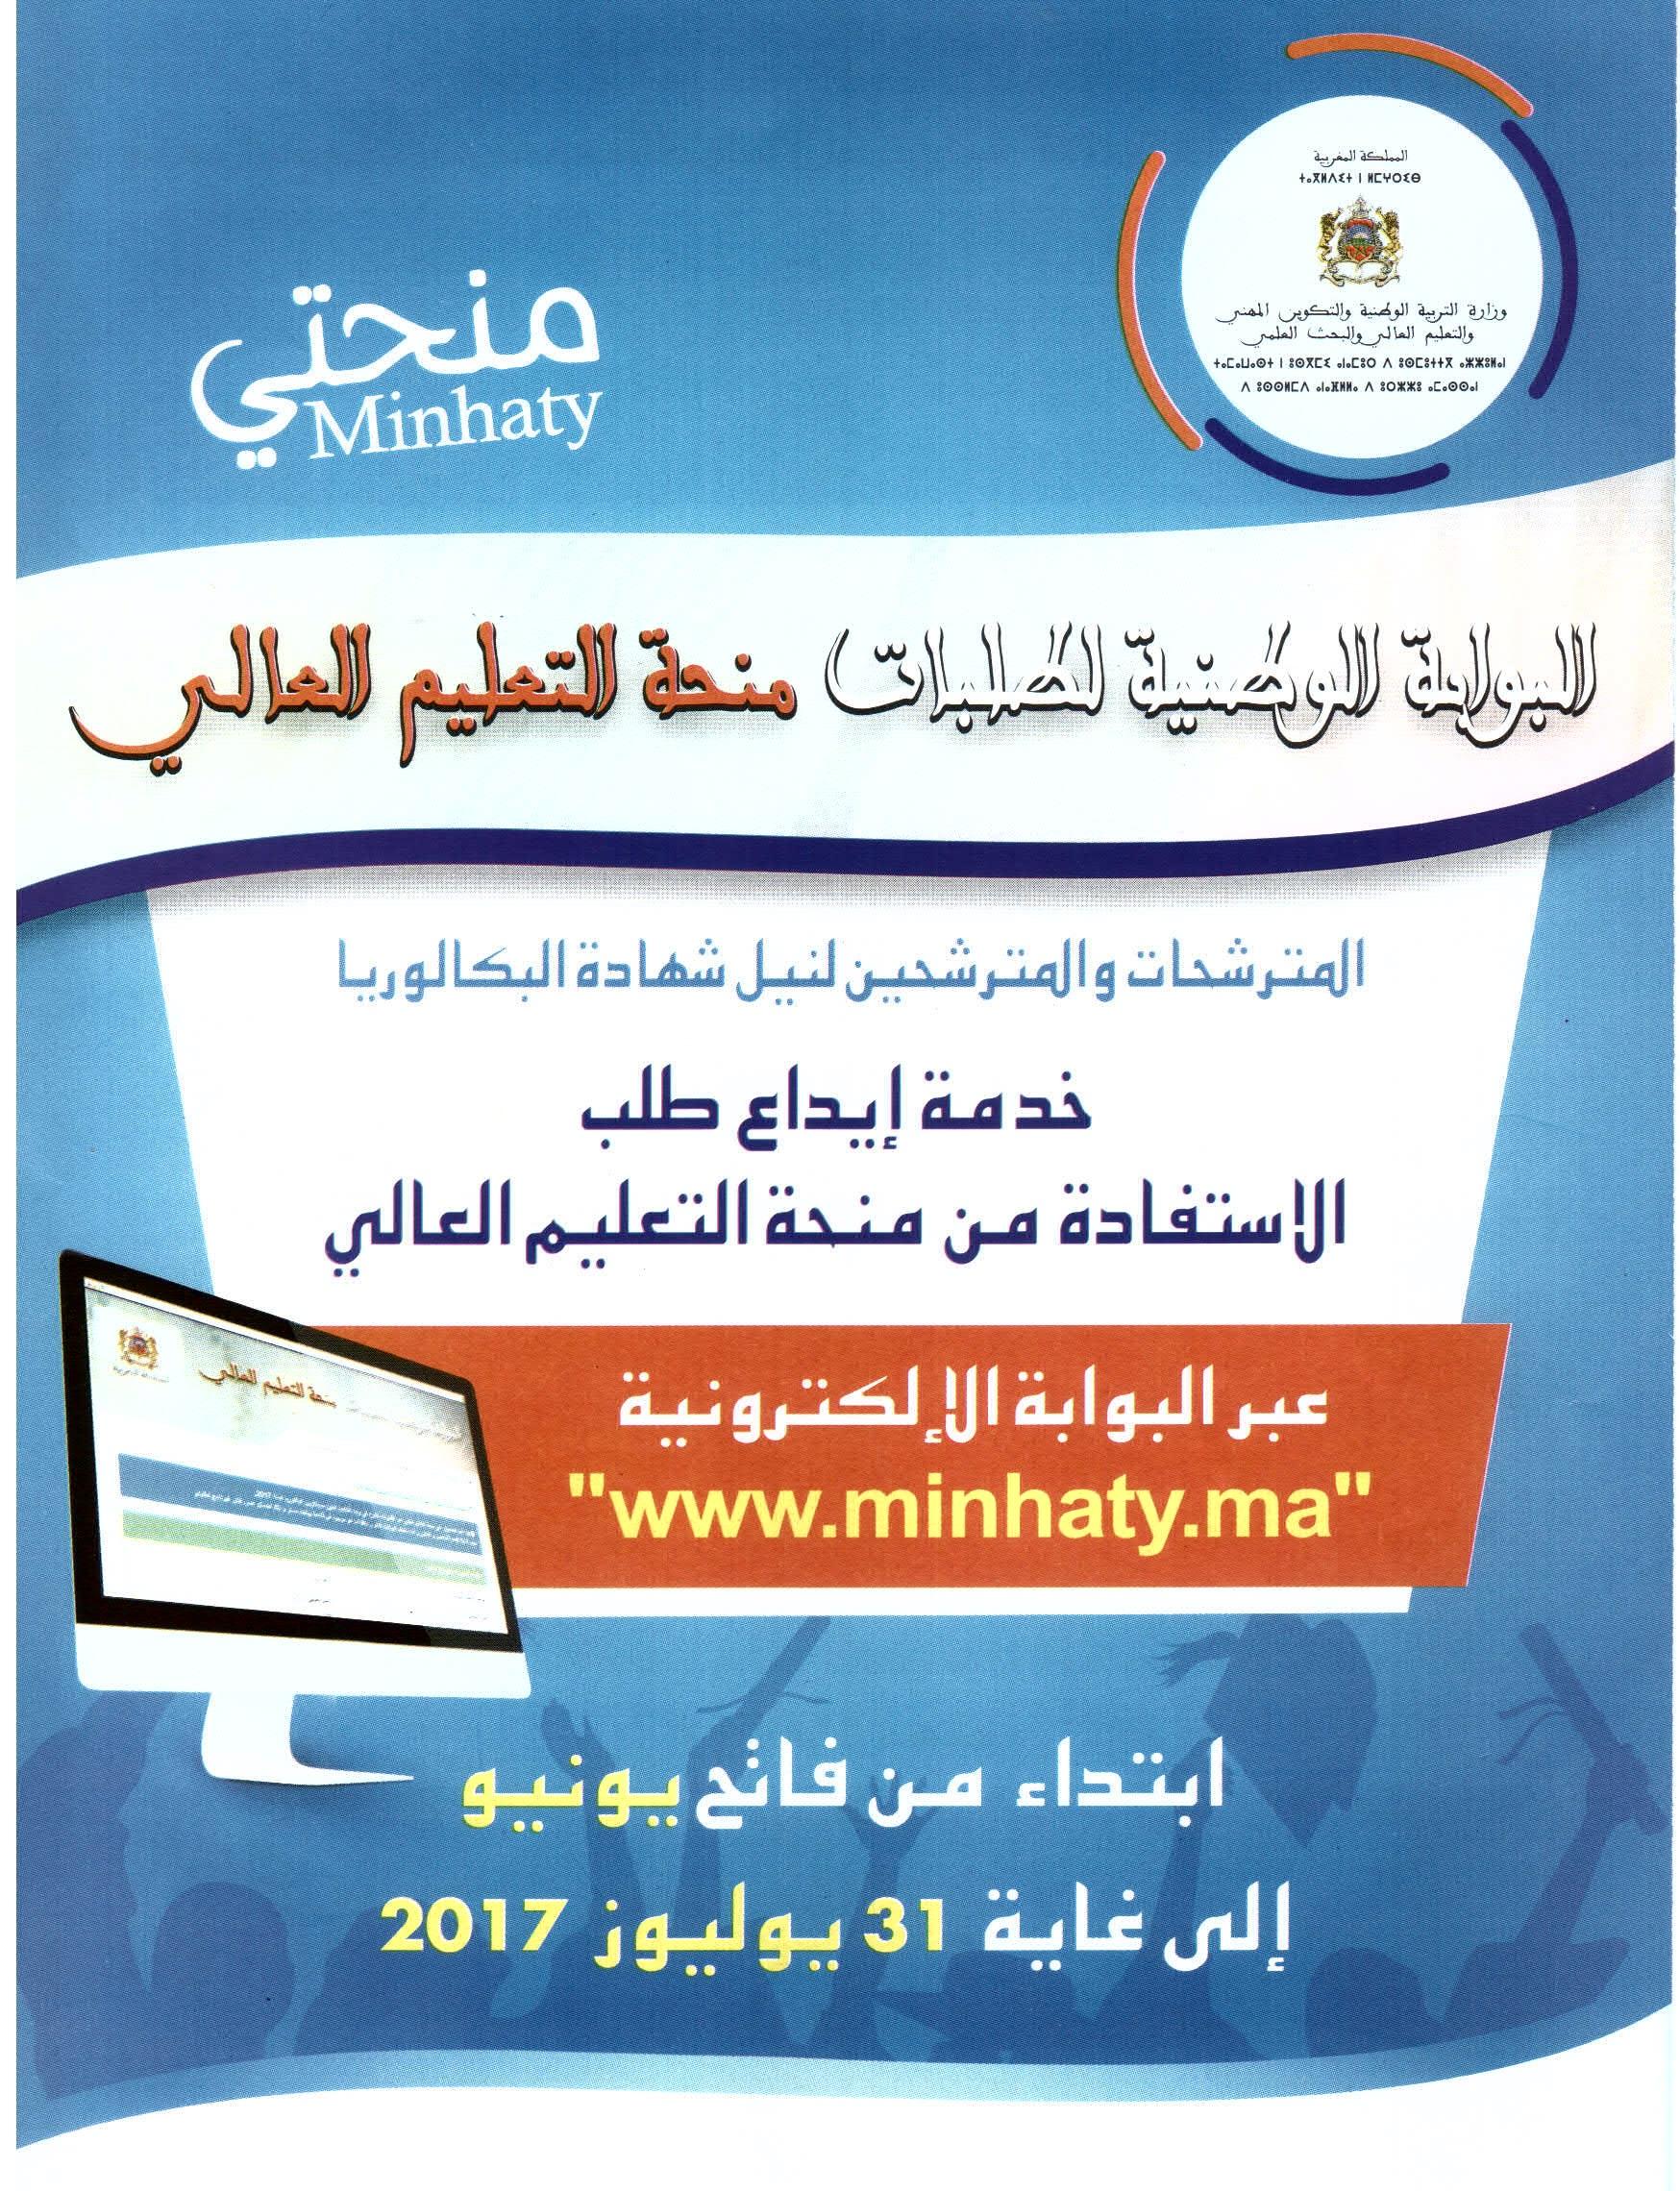 """المديرية الإقليمية بتيزنيت تطلق حملة إعلامية حول الخدمة الإلكترونية """"منحتي"""""""